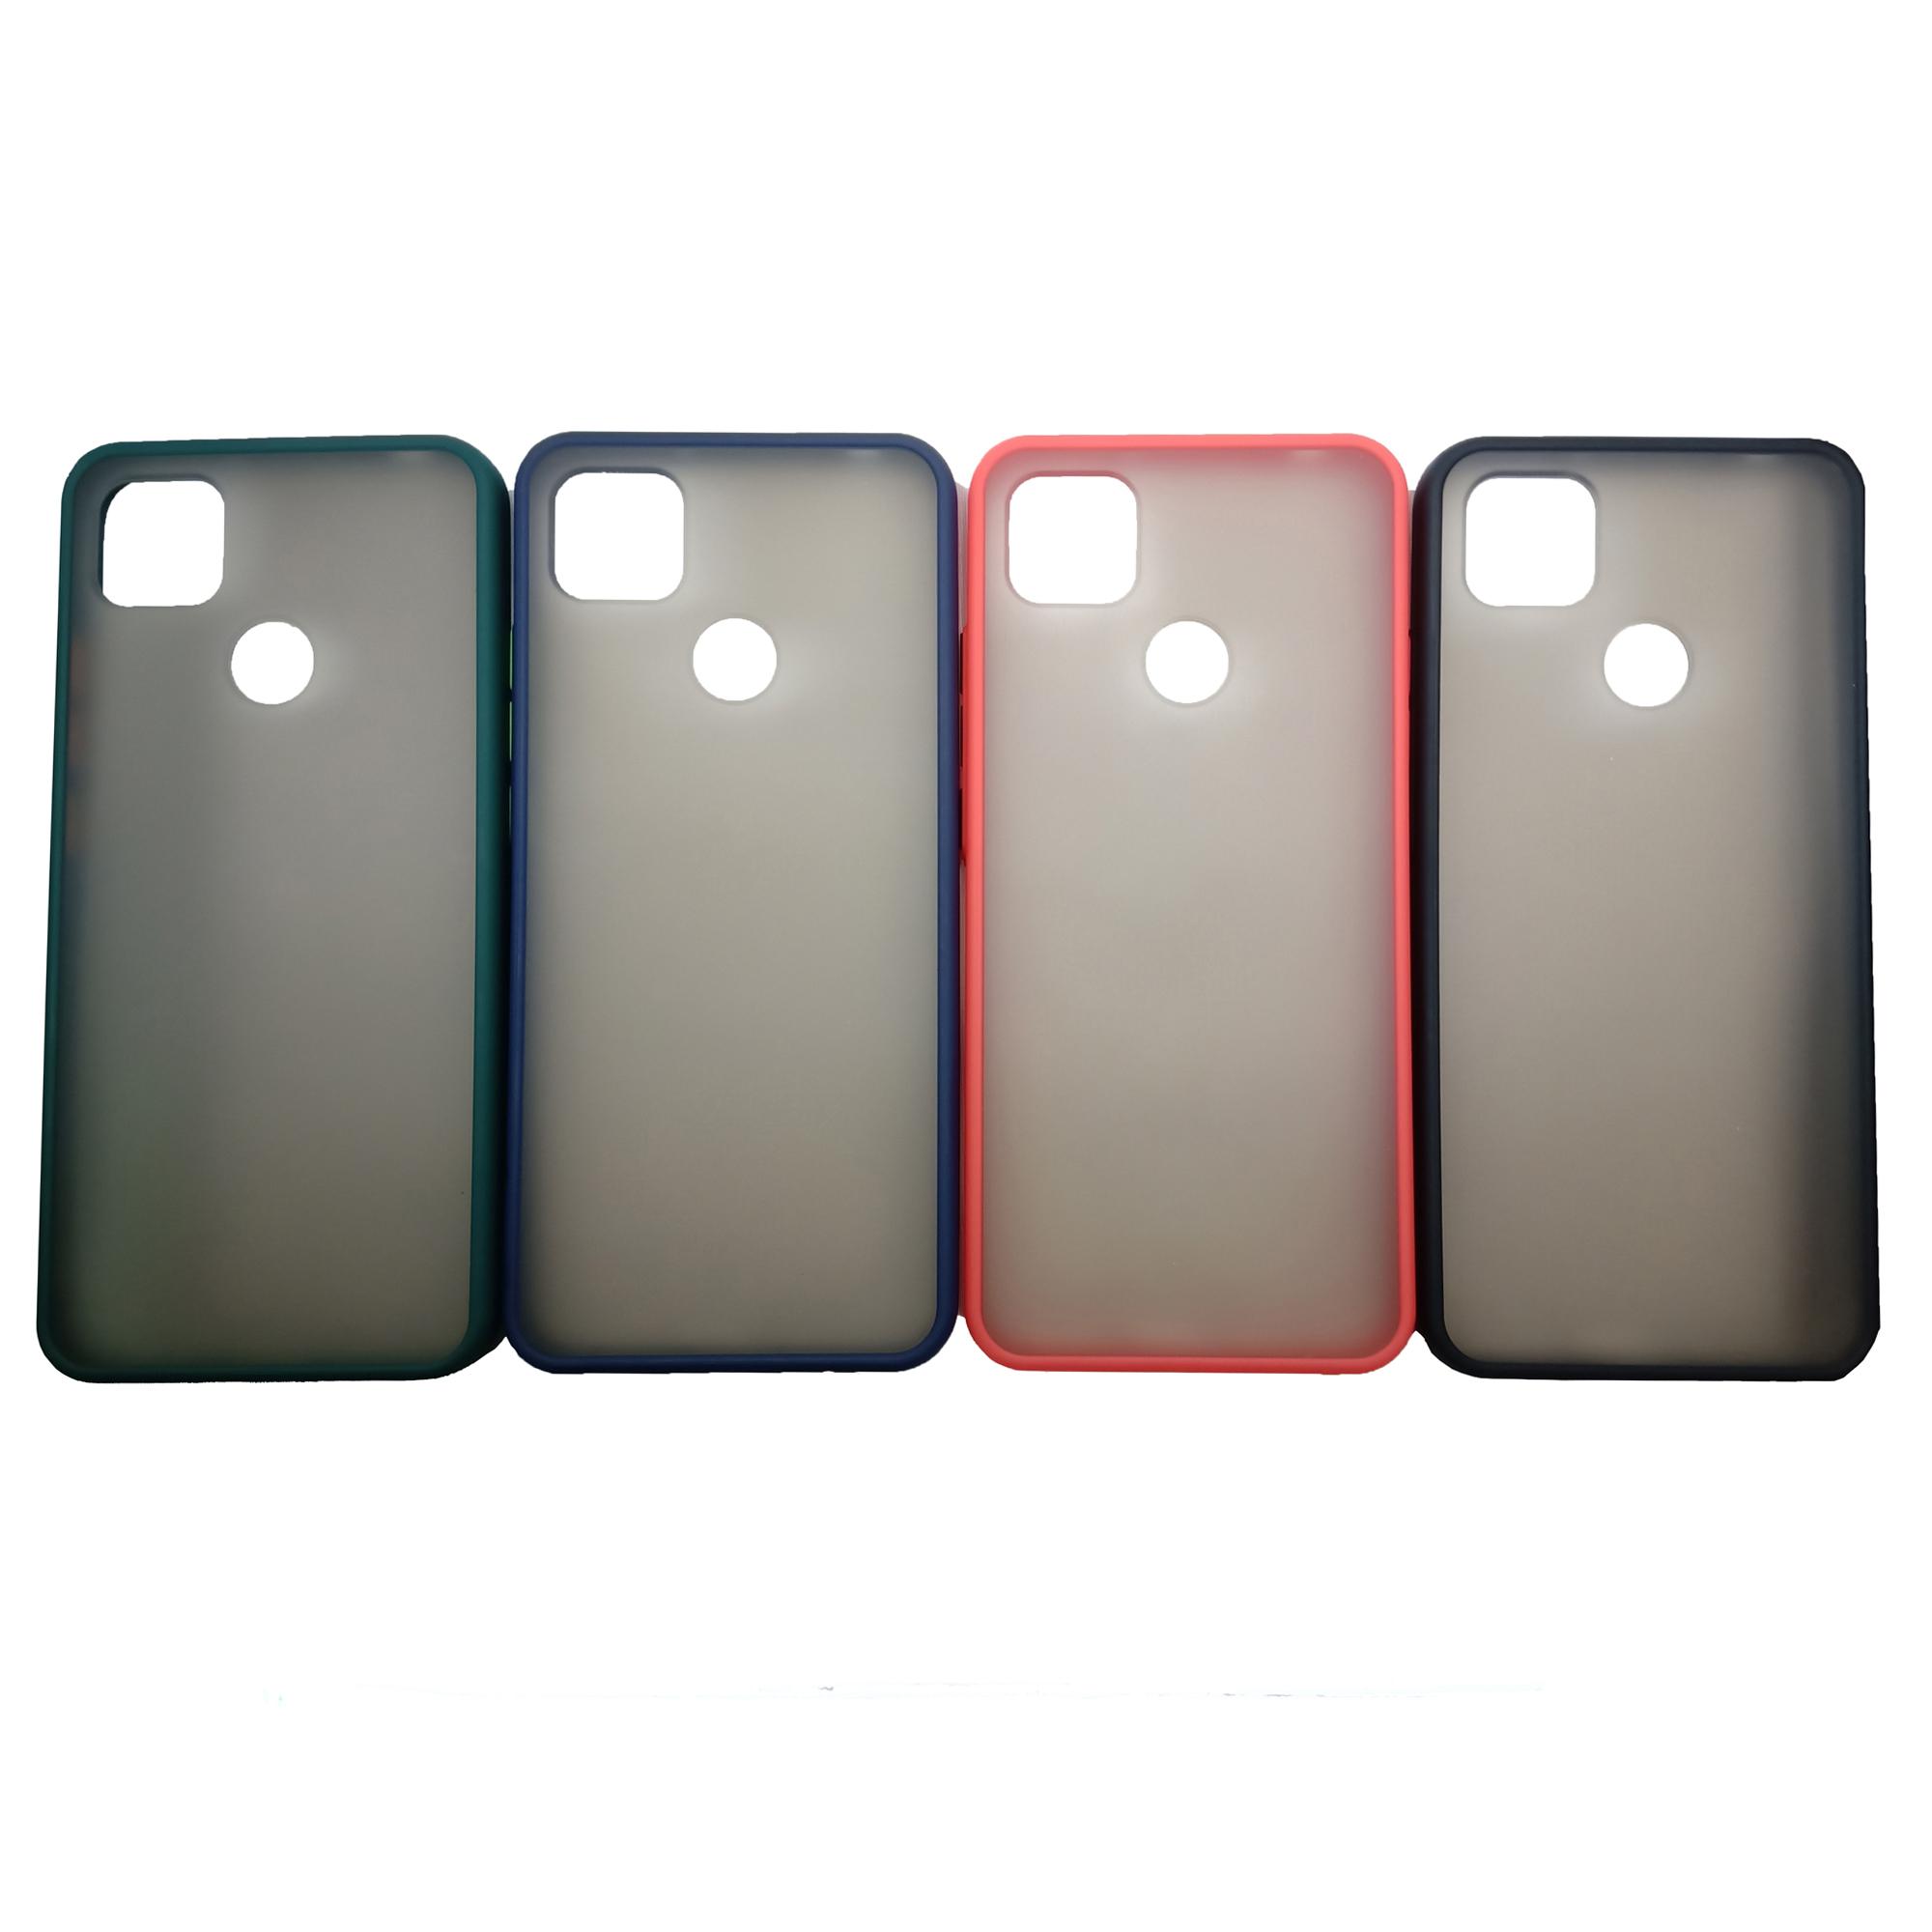 کاور مدل GD-2 مناسب برای گوشی موبایل شیائومی Redmi 9c main 1 1